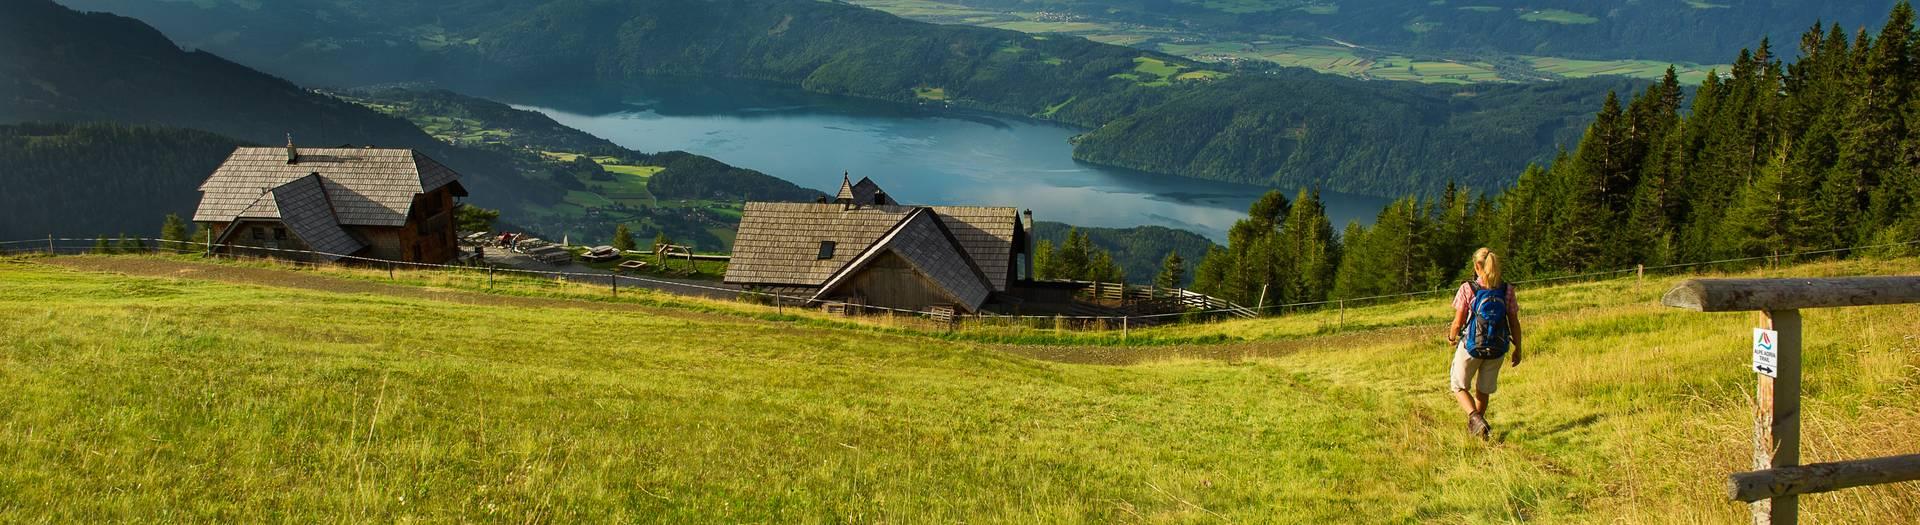 Wanderer auf dem Alpe Adria Trail mit Blick auf See